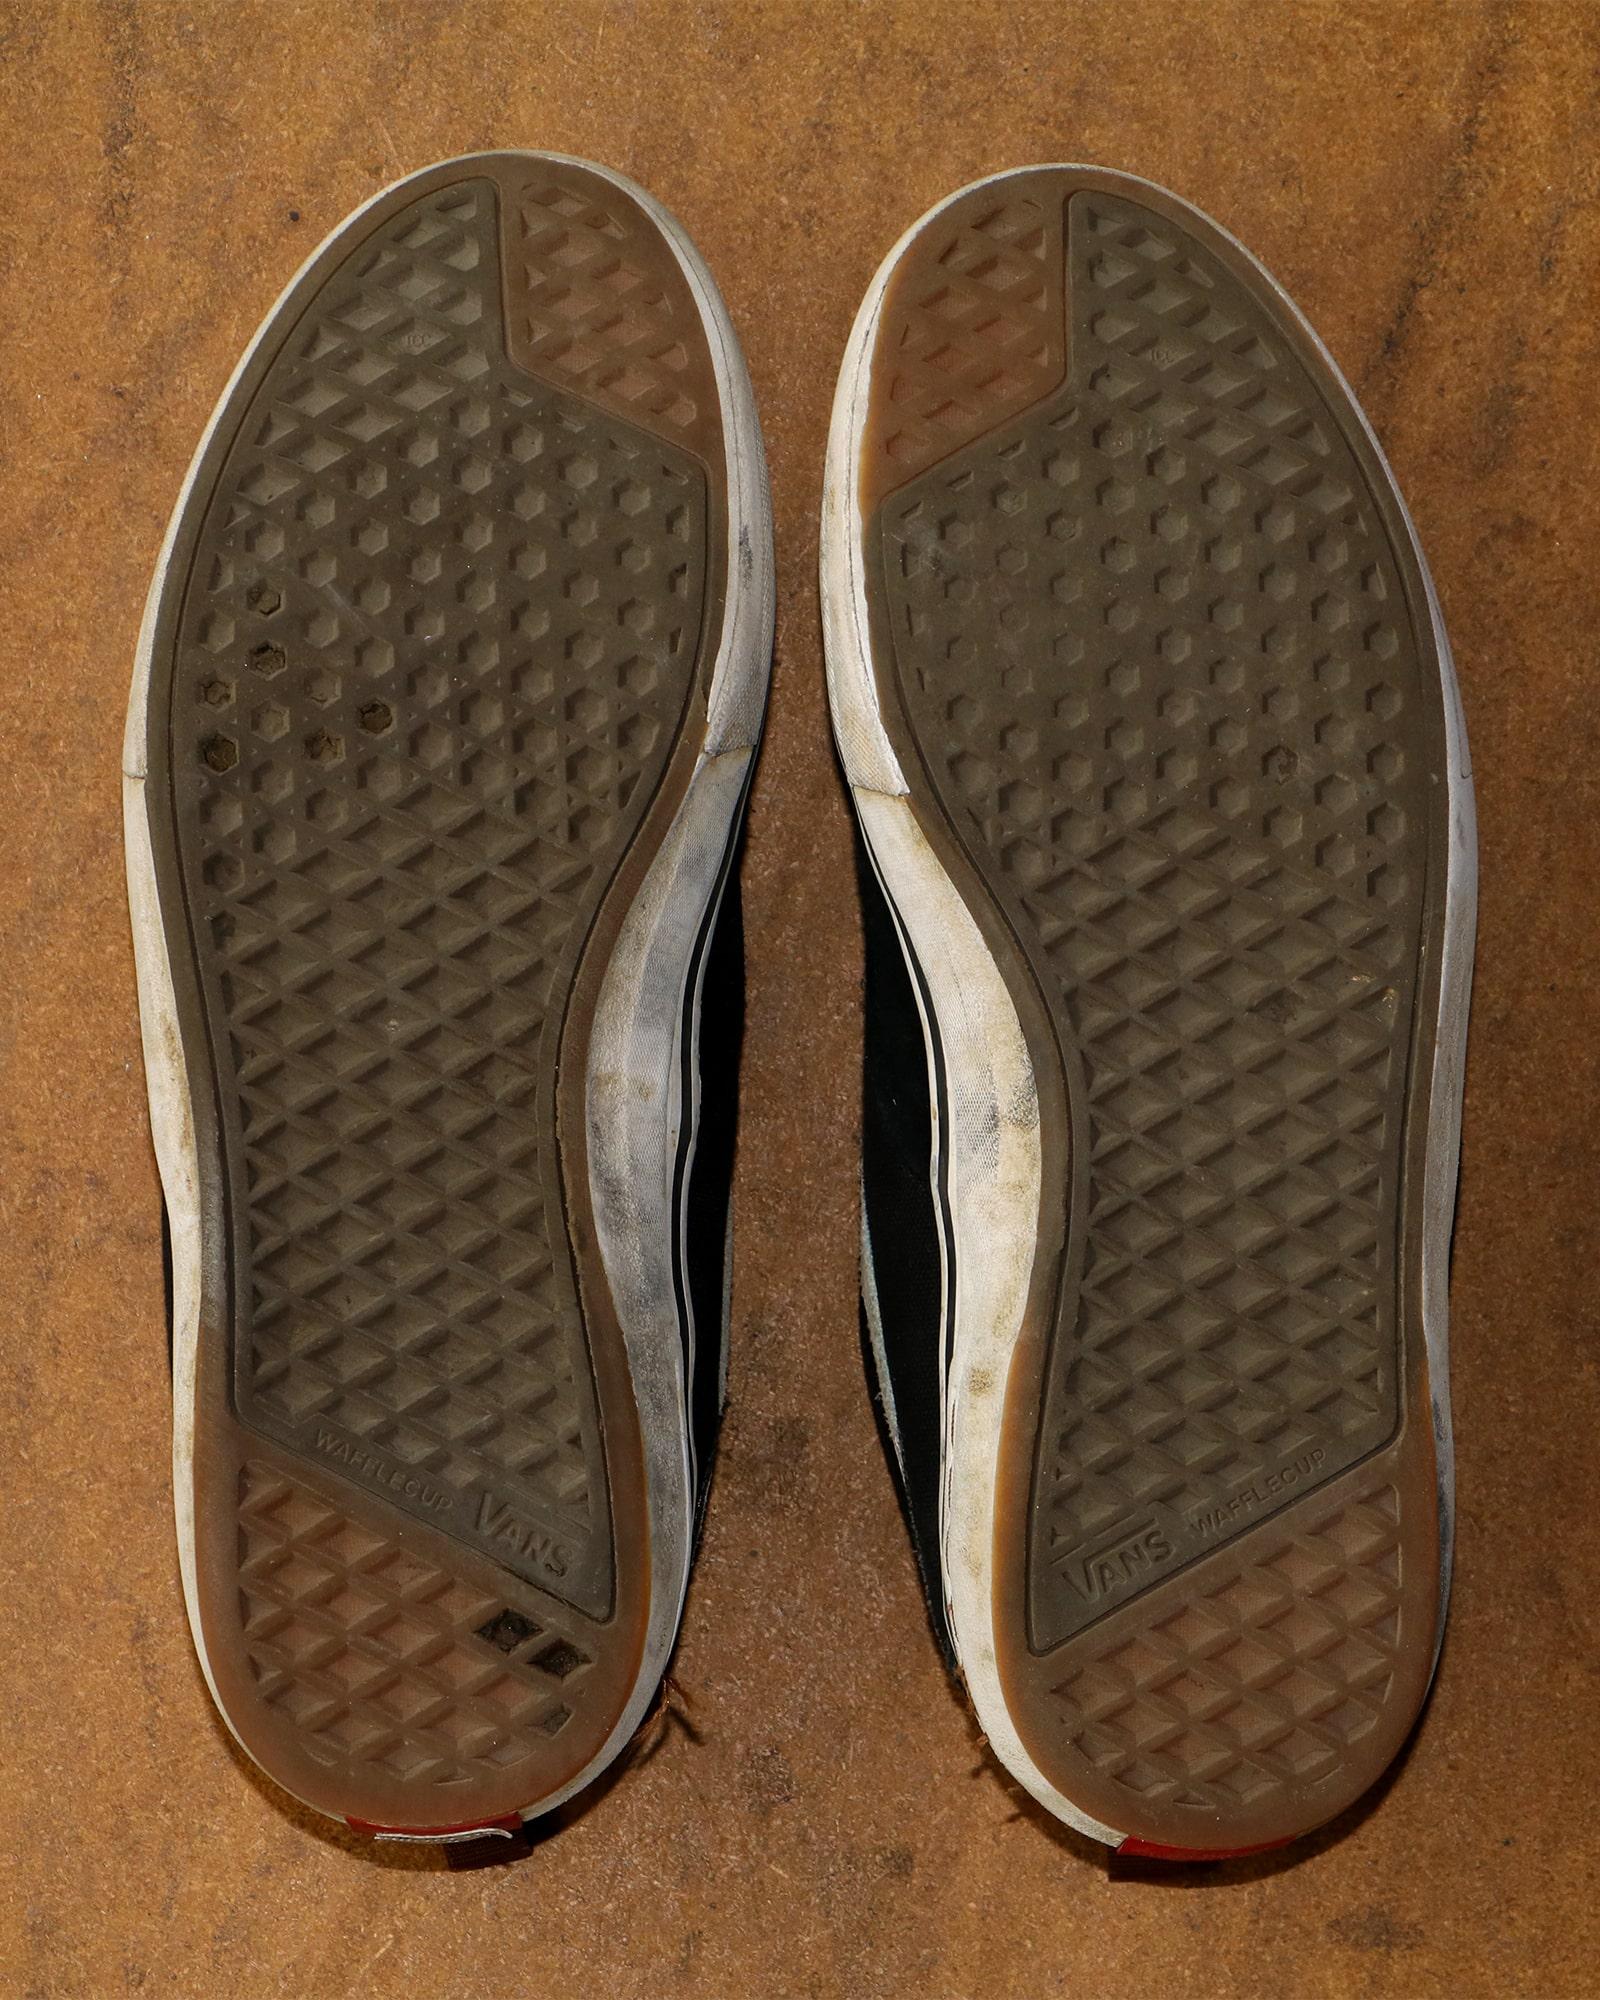 Vans Kyle Walker Pro Skate Shoes Wear